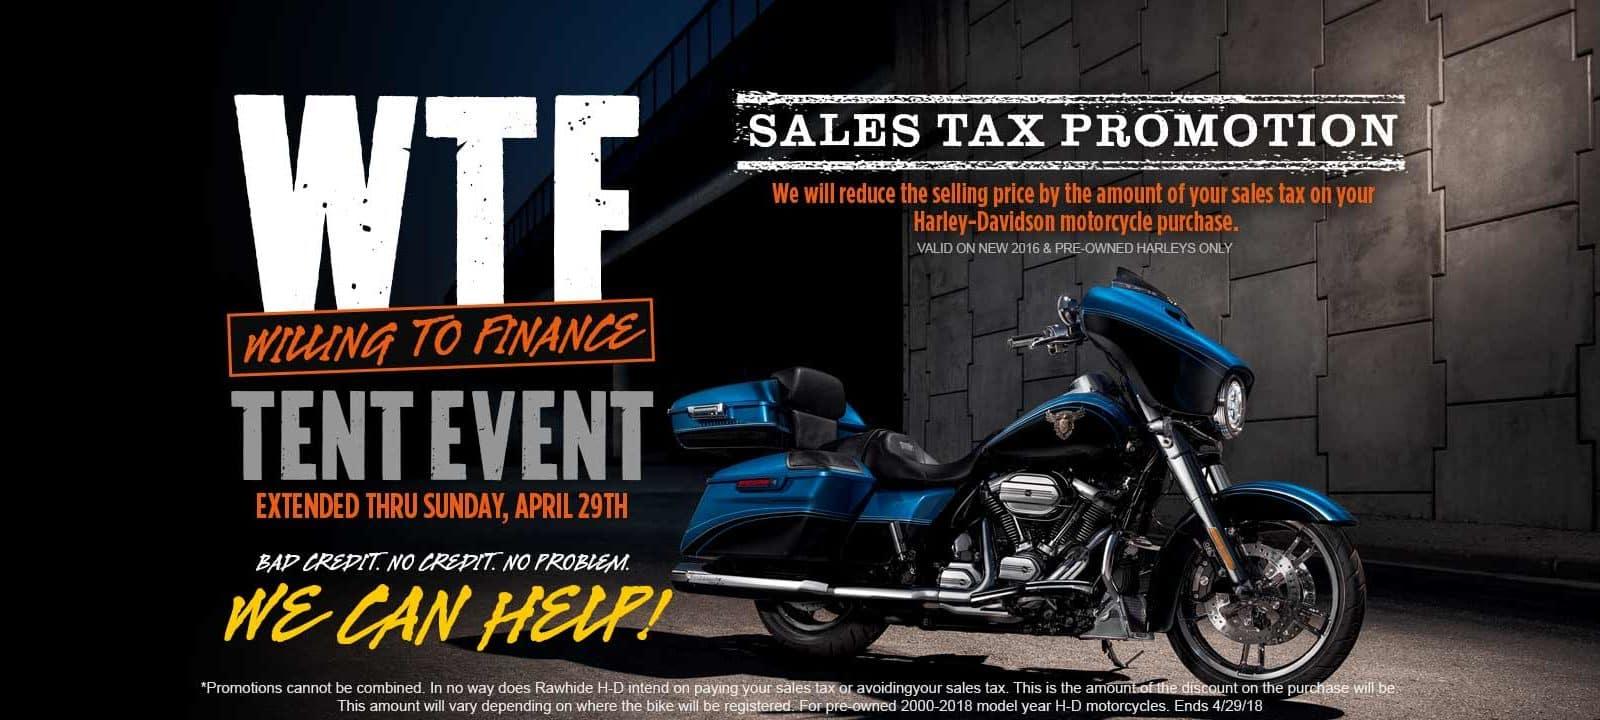 20180423-RHD-1800x720-WTF-Tent-Event-Sales-Tax